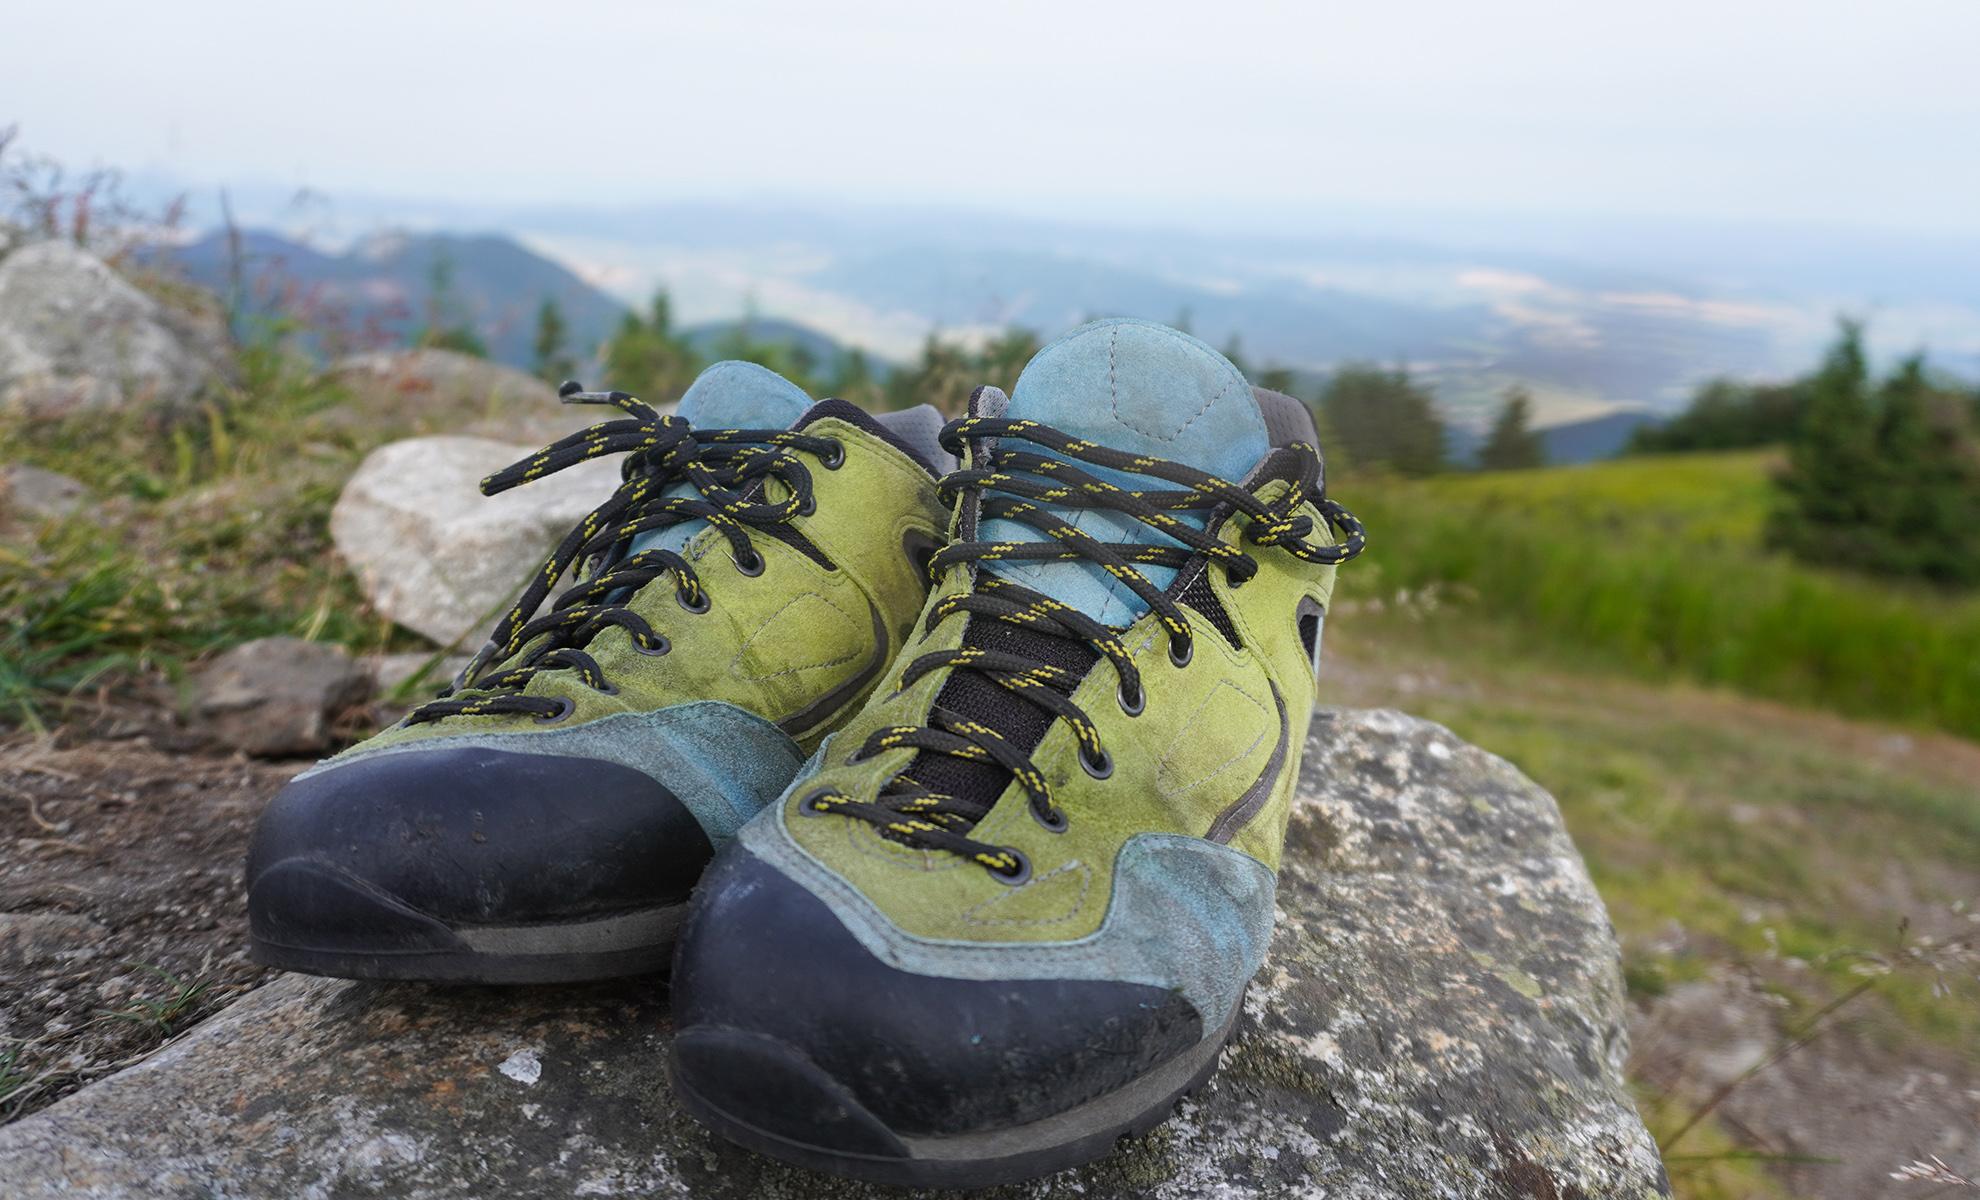 Bosp Grifit trekingové topánky majú výraznu okopovú gumu na prednej časti topánky | recenzia